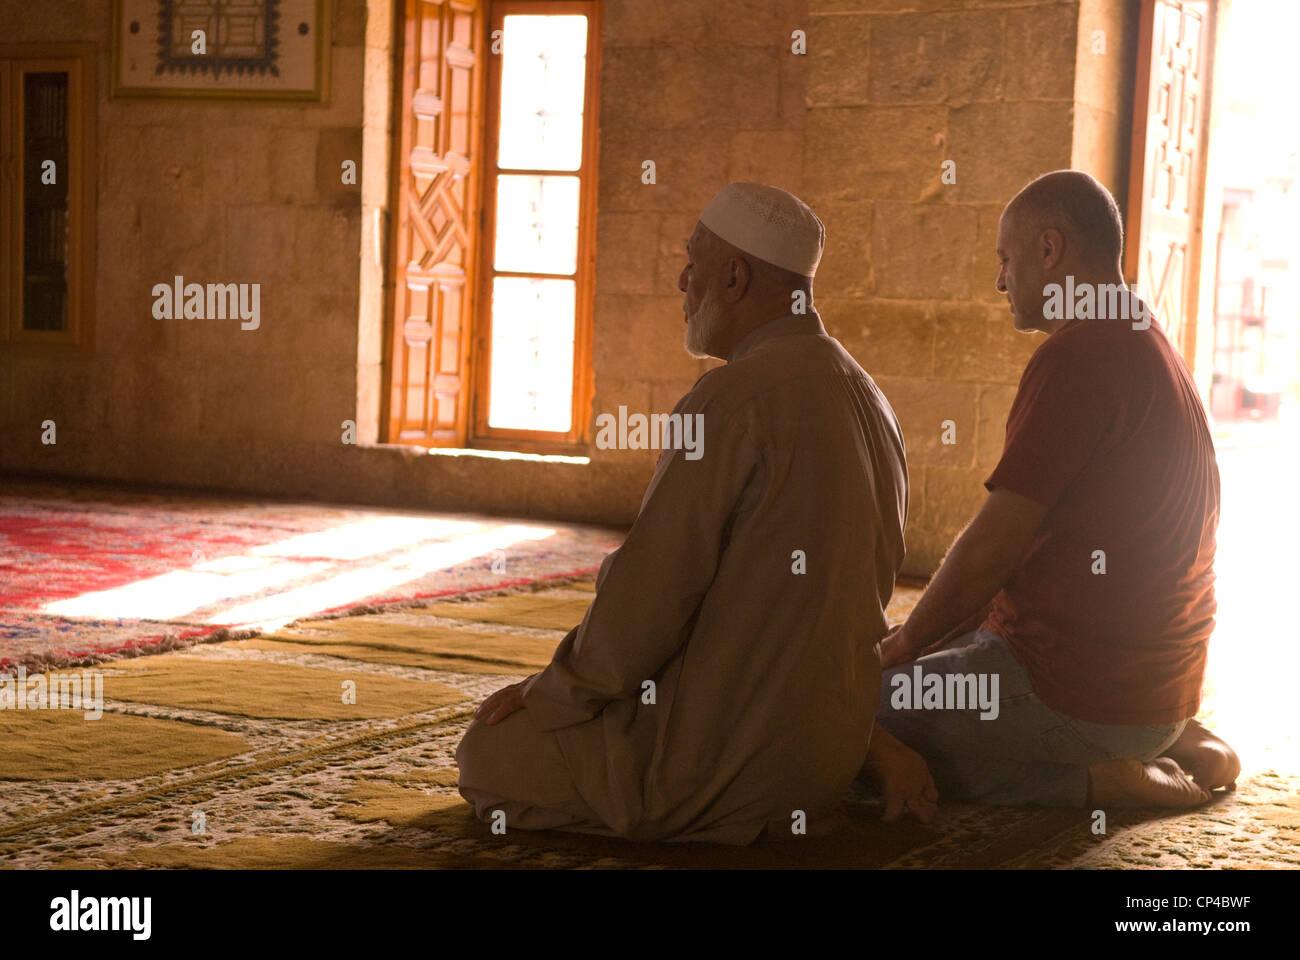 Los musulmanes rezando en la mezquita Fakreddine era otomana en la ciudad de Deir al-Qamar, Montañas Chouf, Imagen De Stock